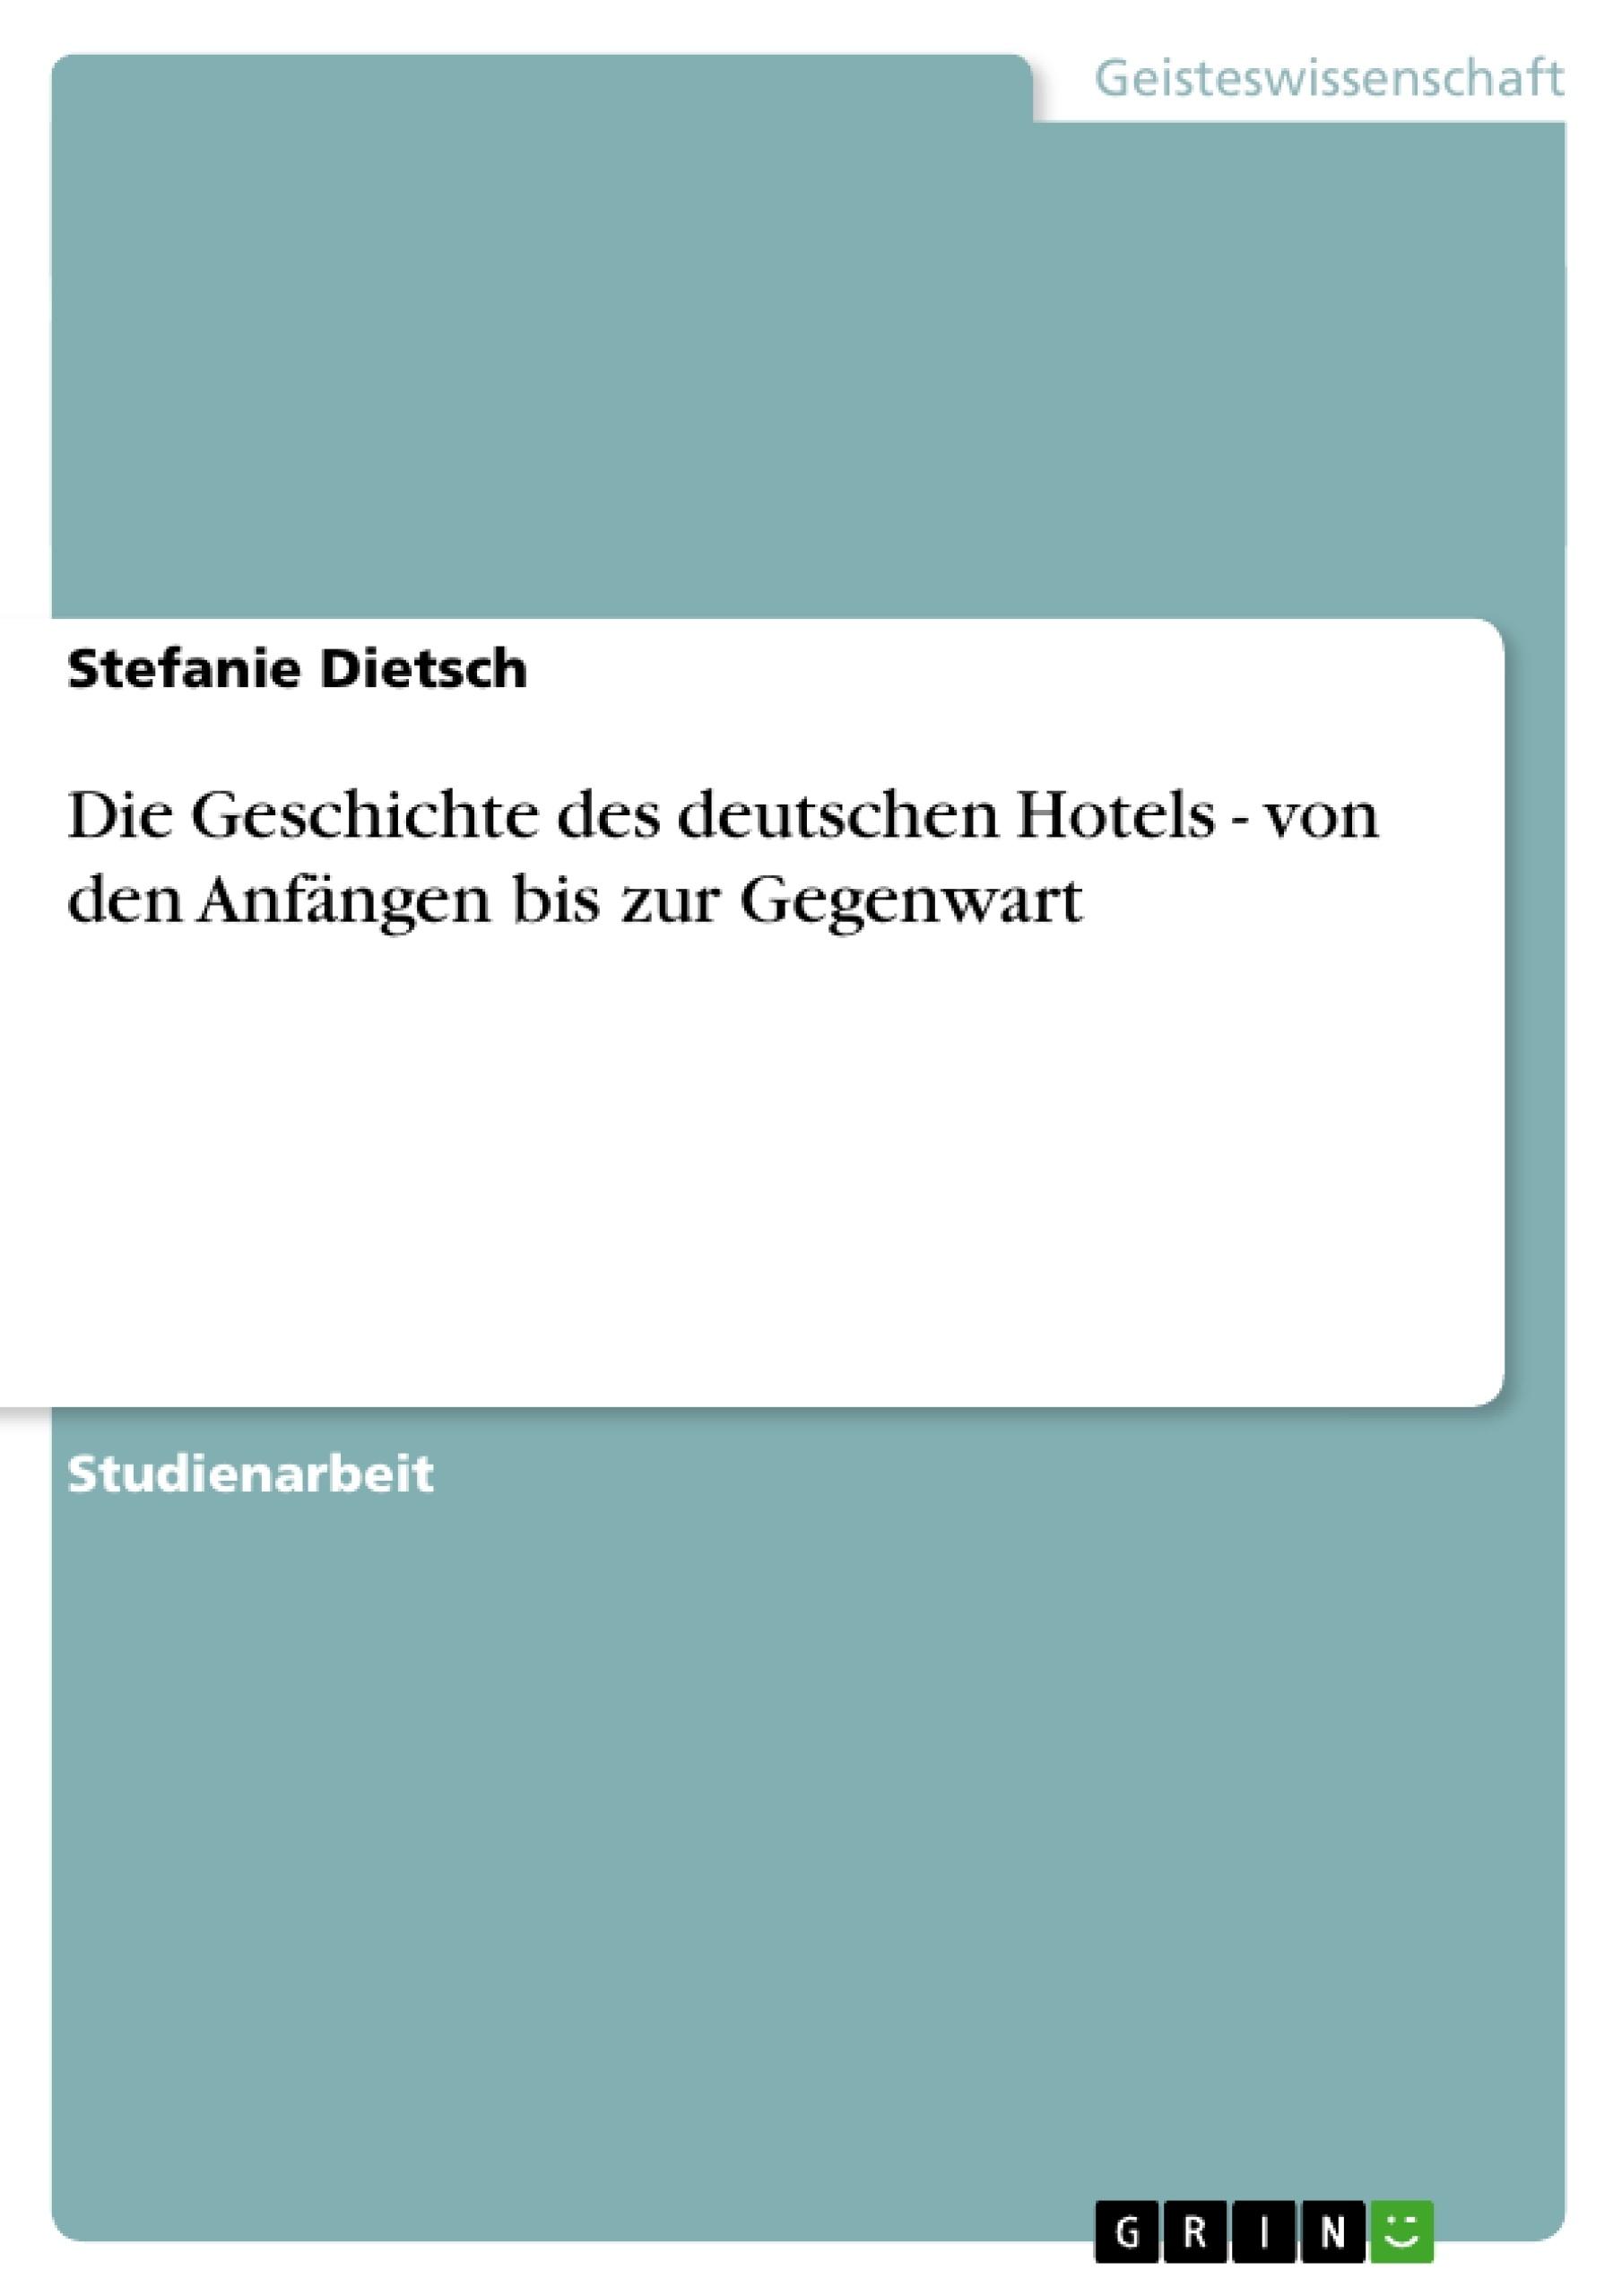 Titel: Die Geschichte des deutschen Hotels - von den Anfängen bis zur Gegenwart